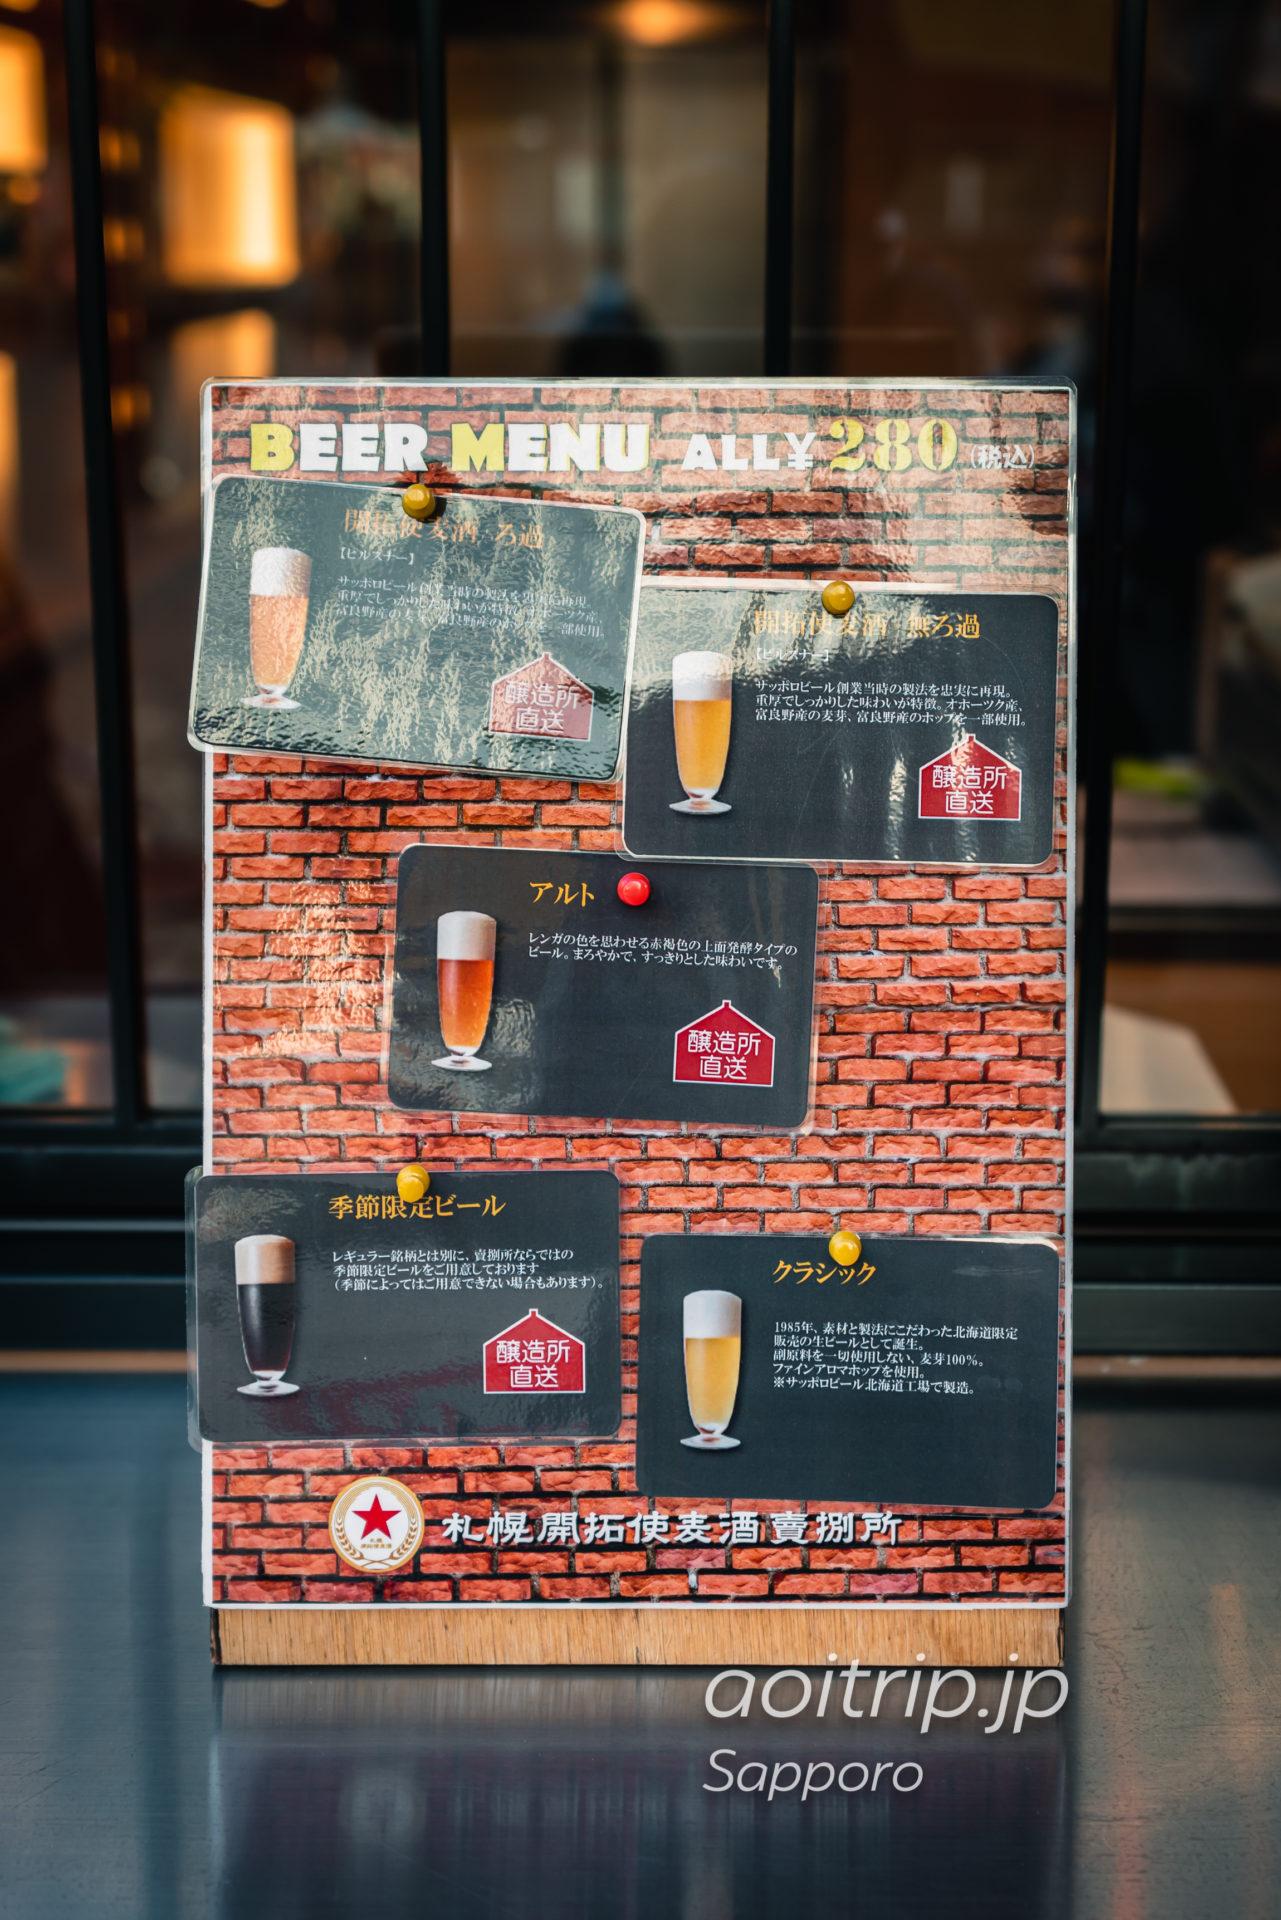 札幌 開拓使麦酒賣捌所の生ビール メニュー